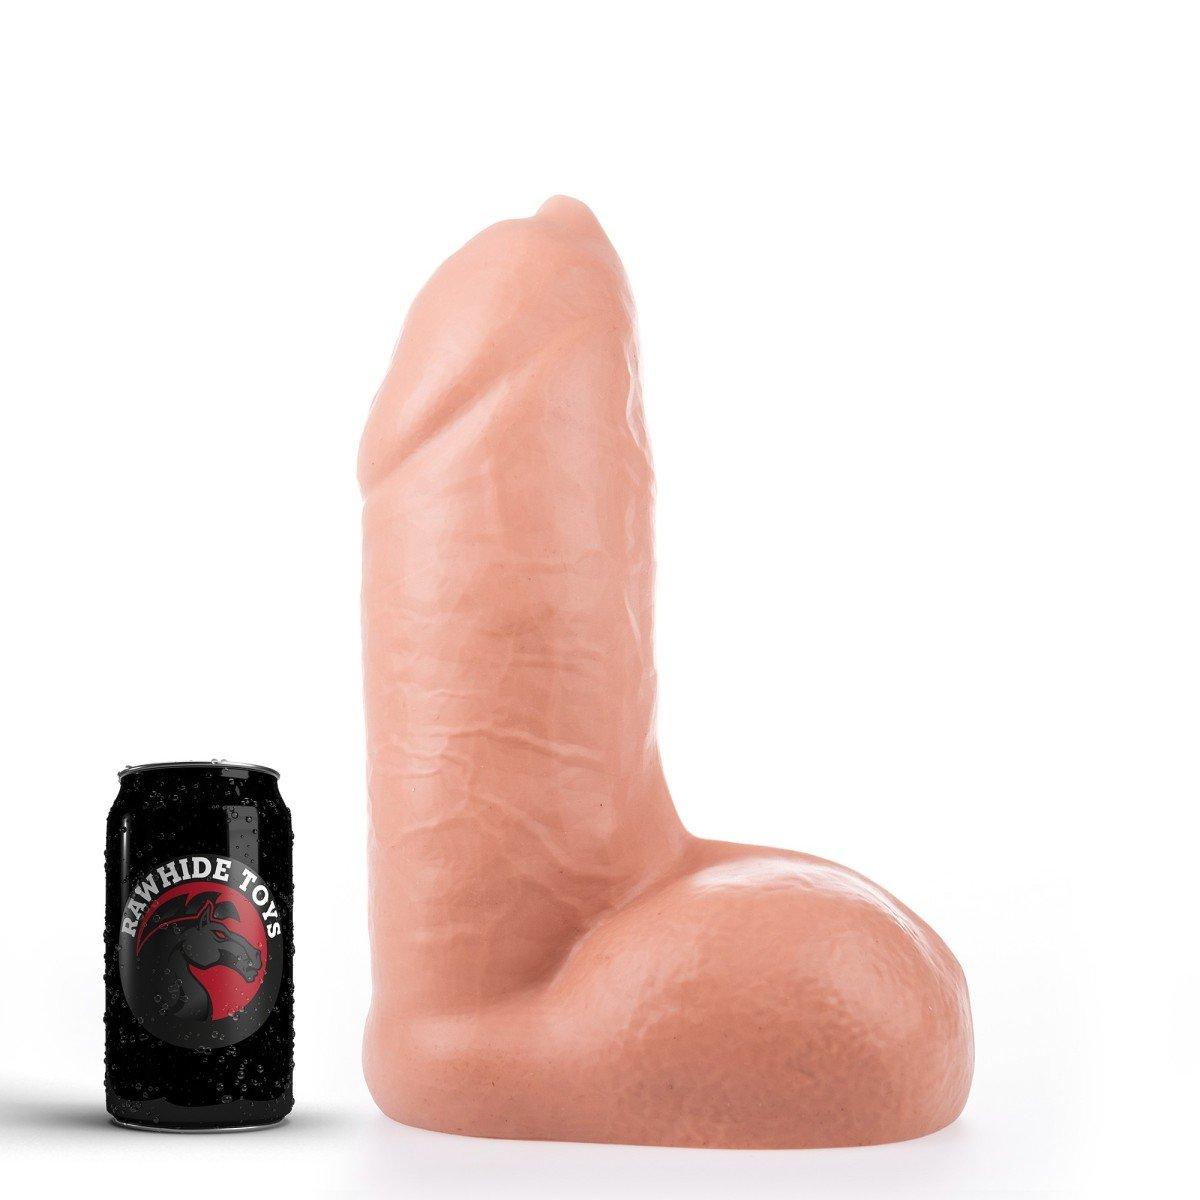 Rawhide Toys Kratos Dildo XL Flesh